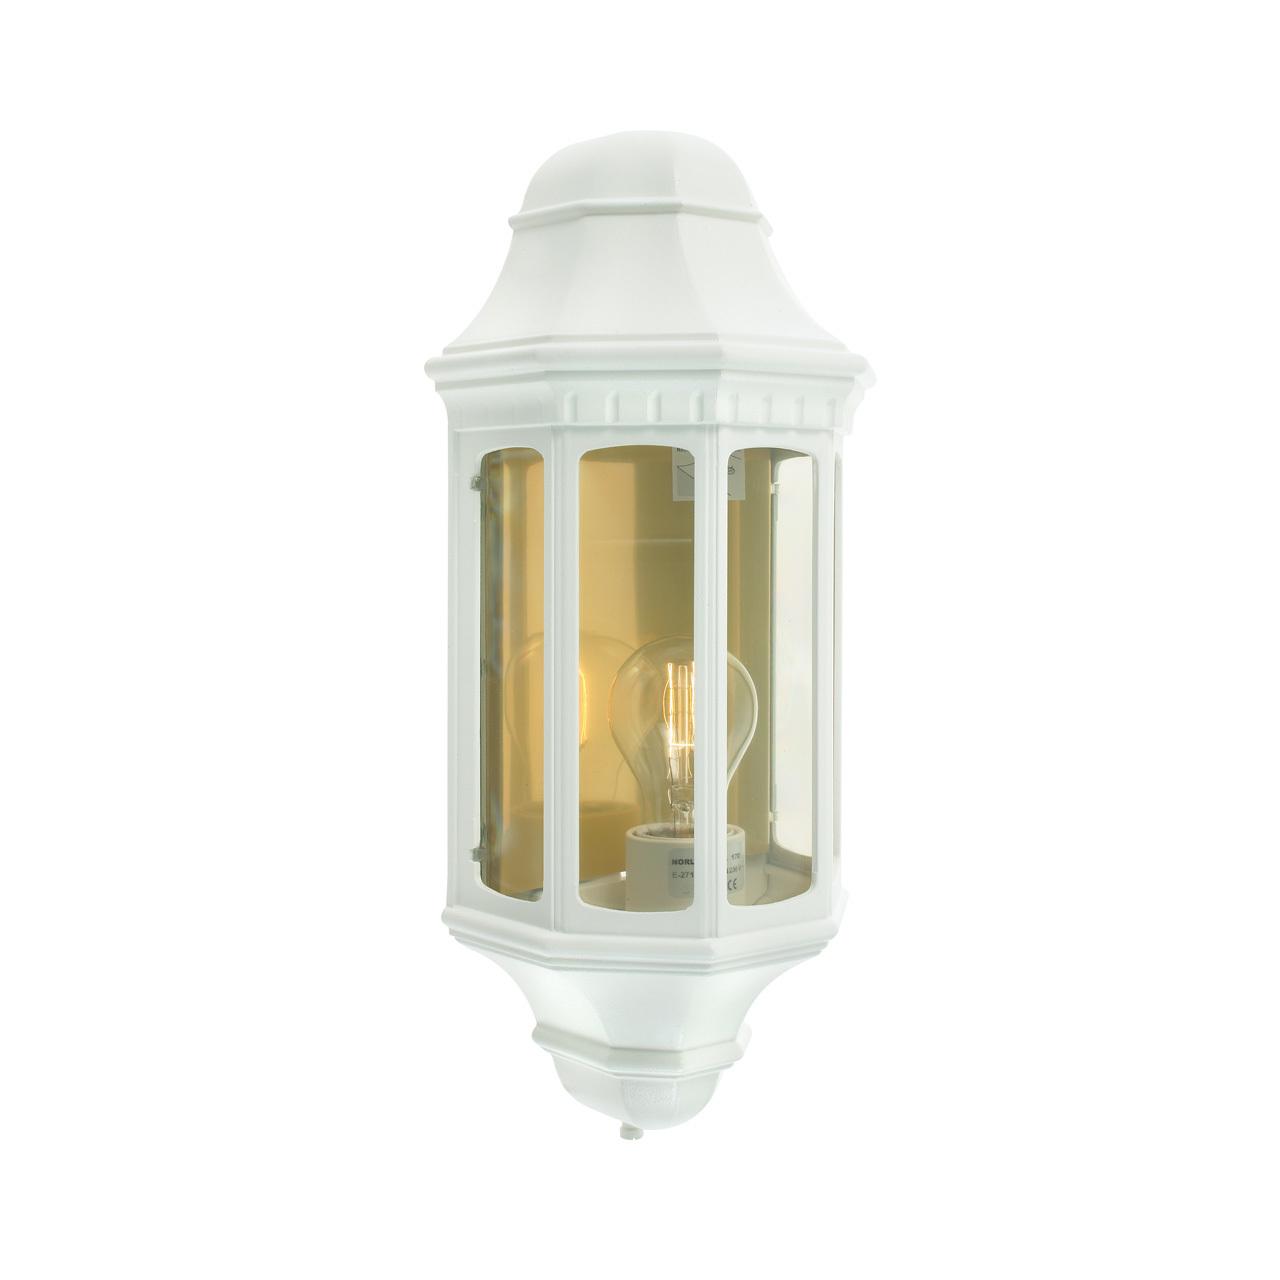 Lampa ścienna GENOVA 170W -Norlys  SPRAWDŹ RABATY  5-10-15-20 % w koszyku